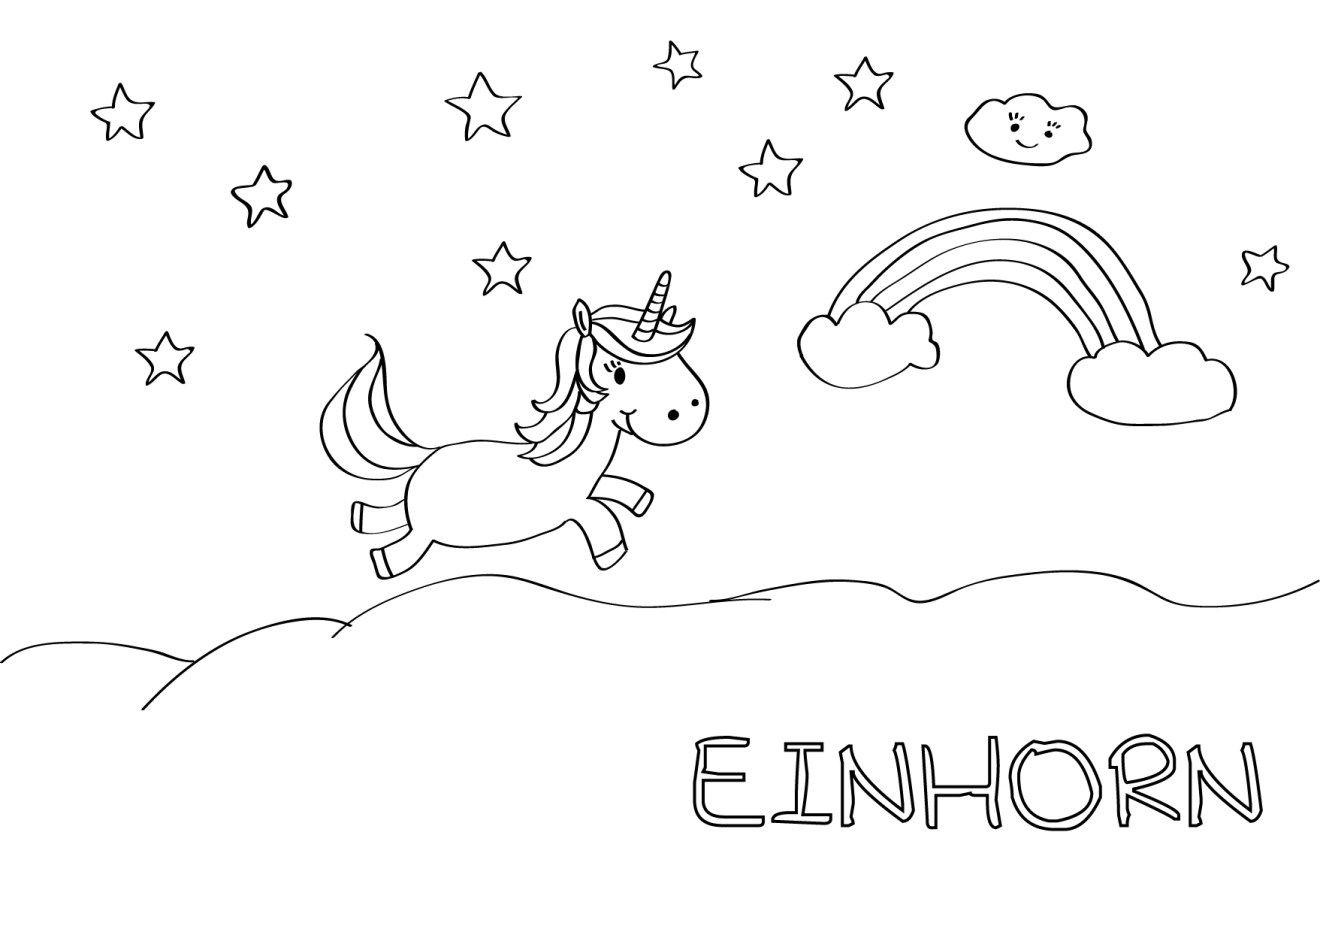 Kostenlose Malvorlagen | Malvorlage Einhorn, Malvorlagen verwandt mit Einhorn Ausmalbilder Zum Ausdrucken